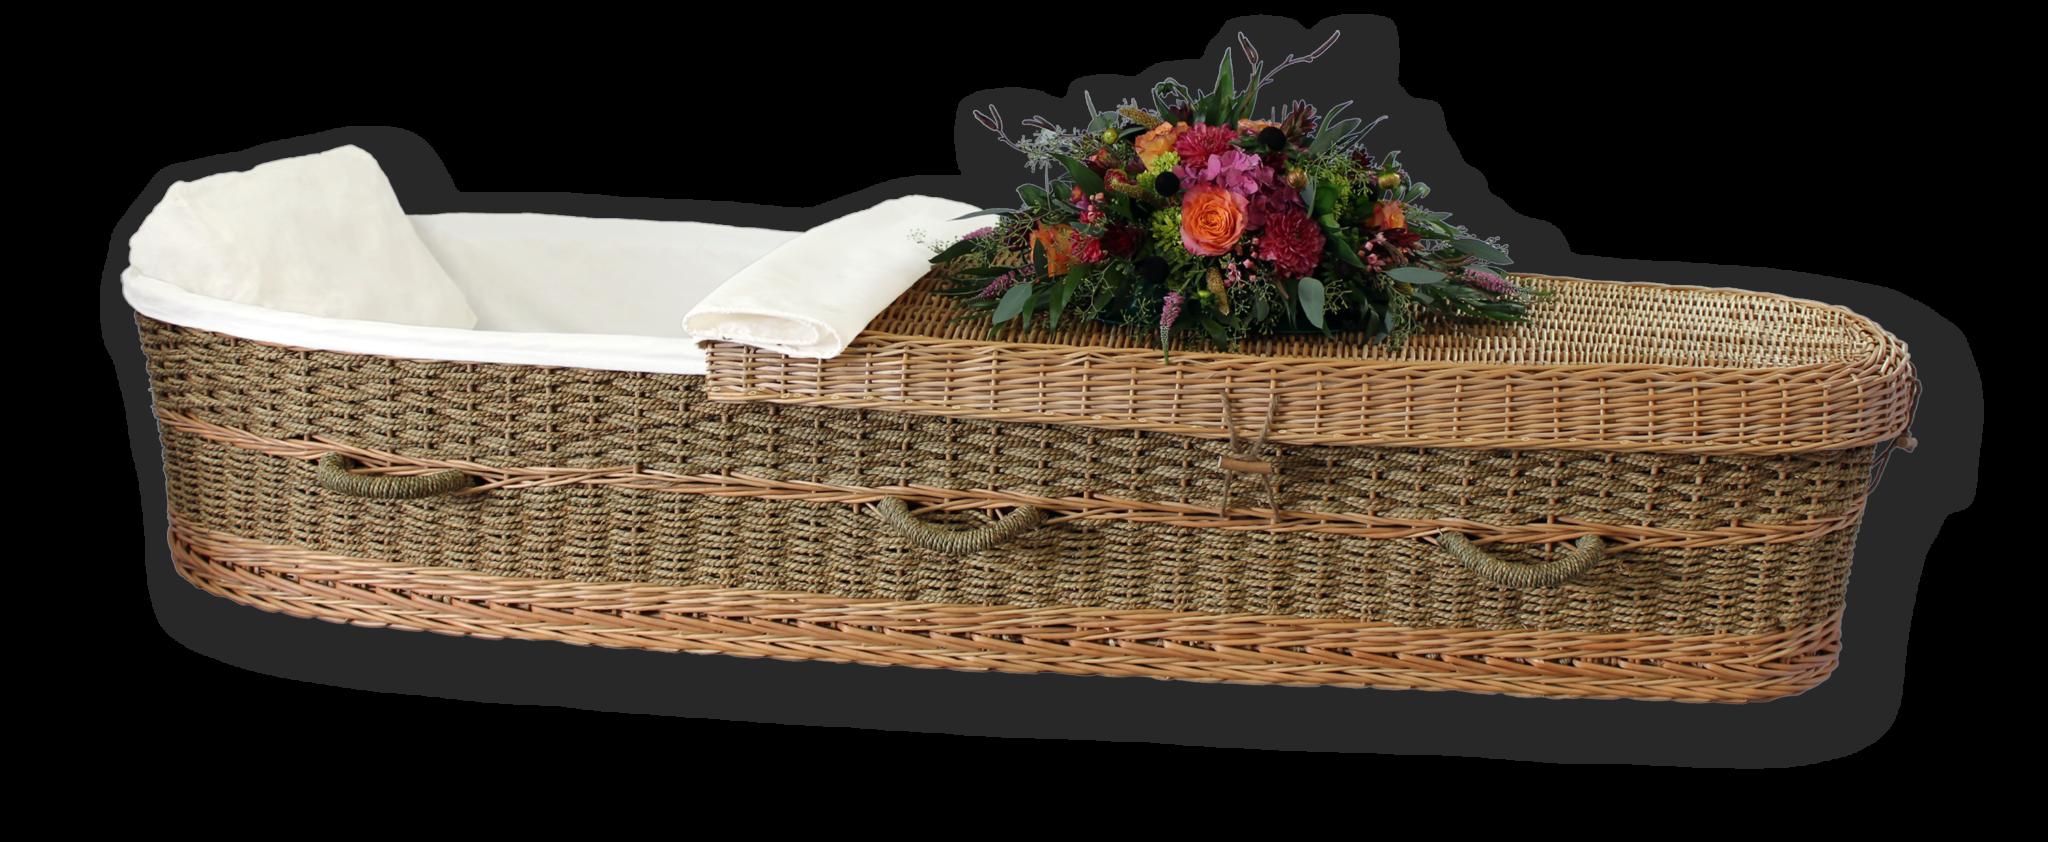 Biodegradable seagrass casket passages. Coffin clipart grave